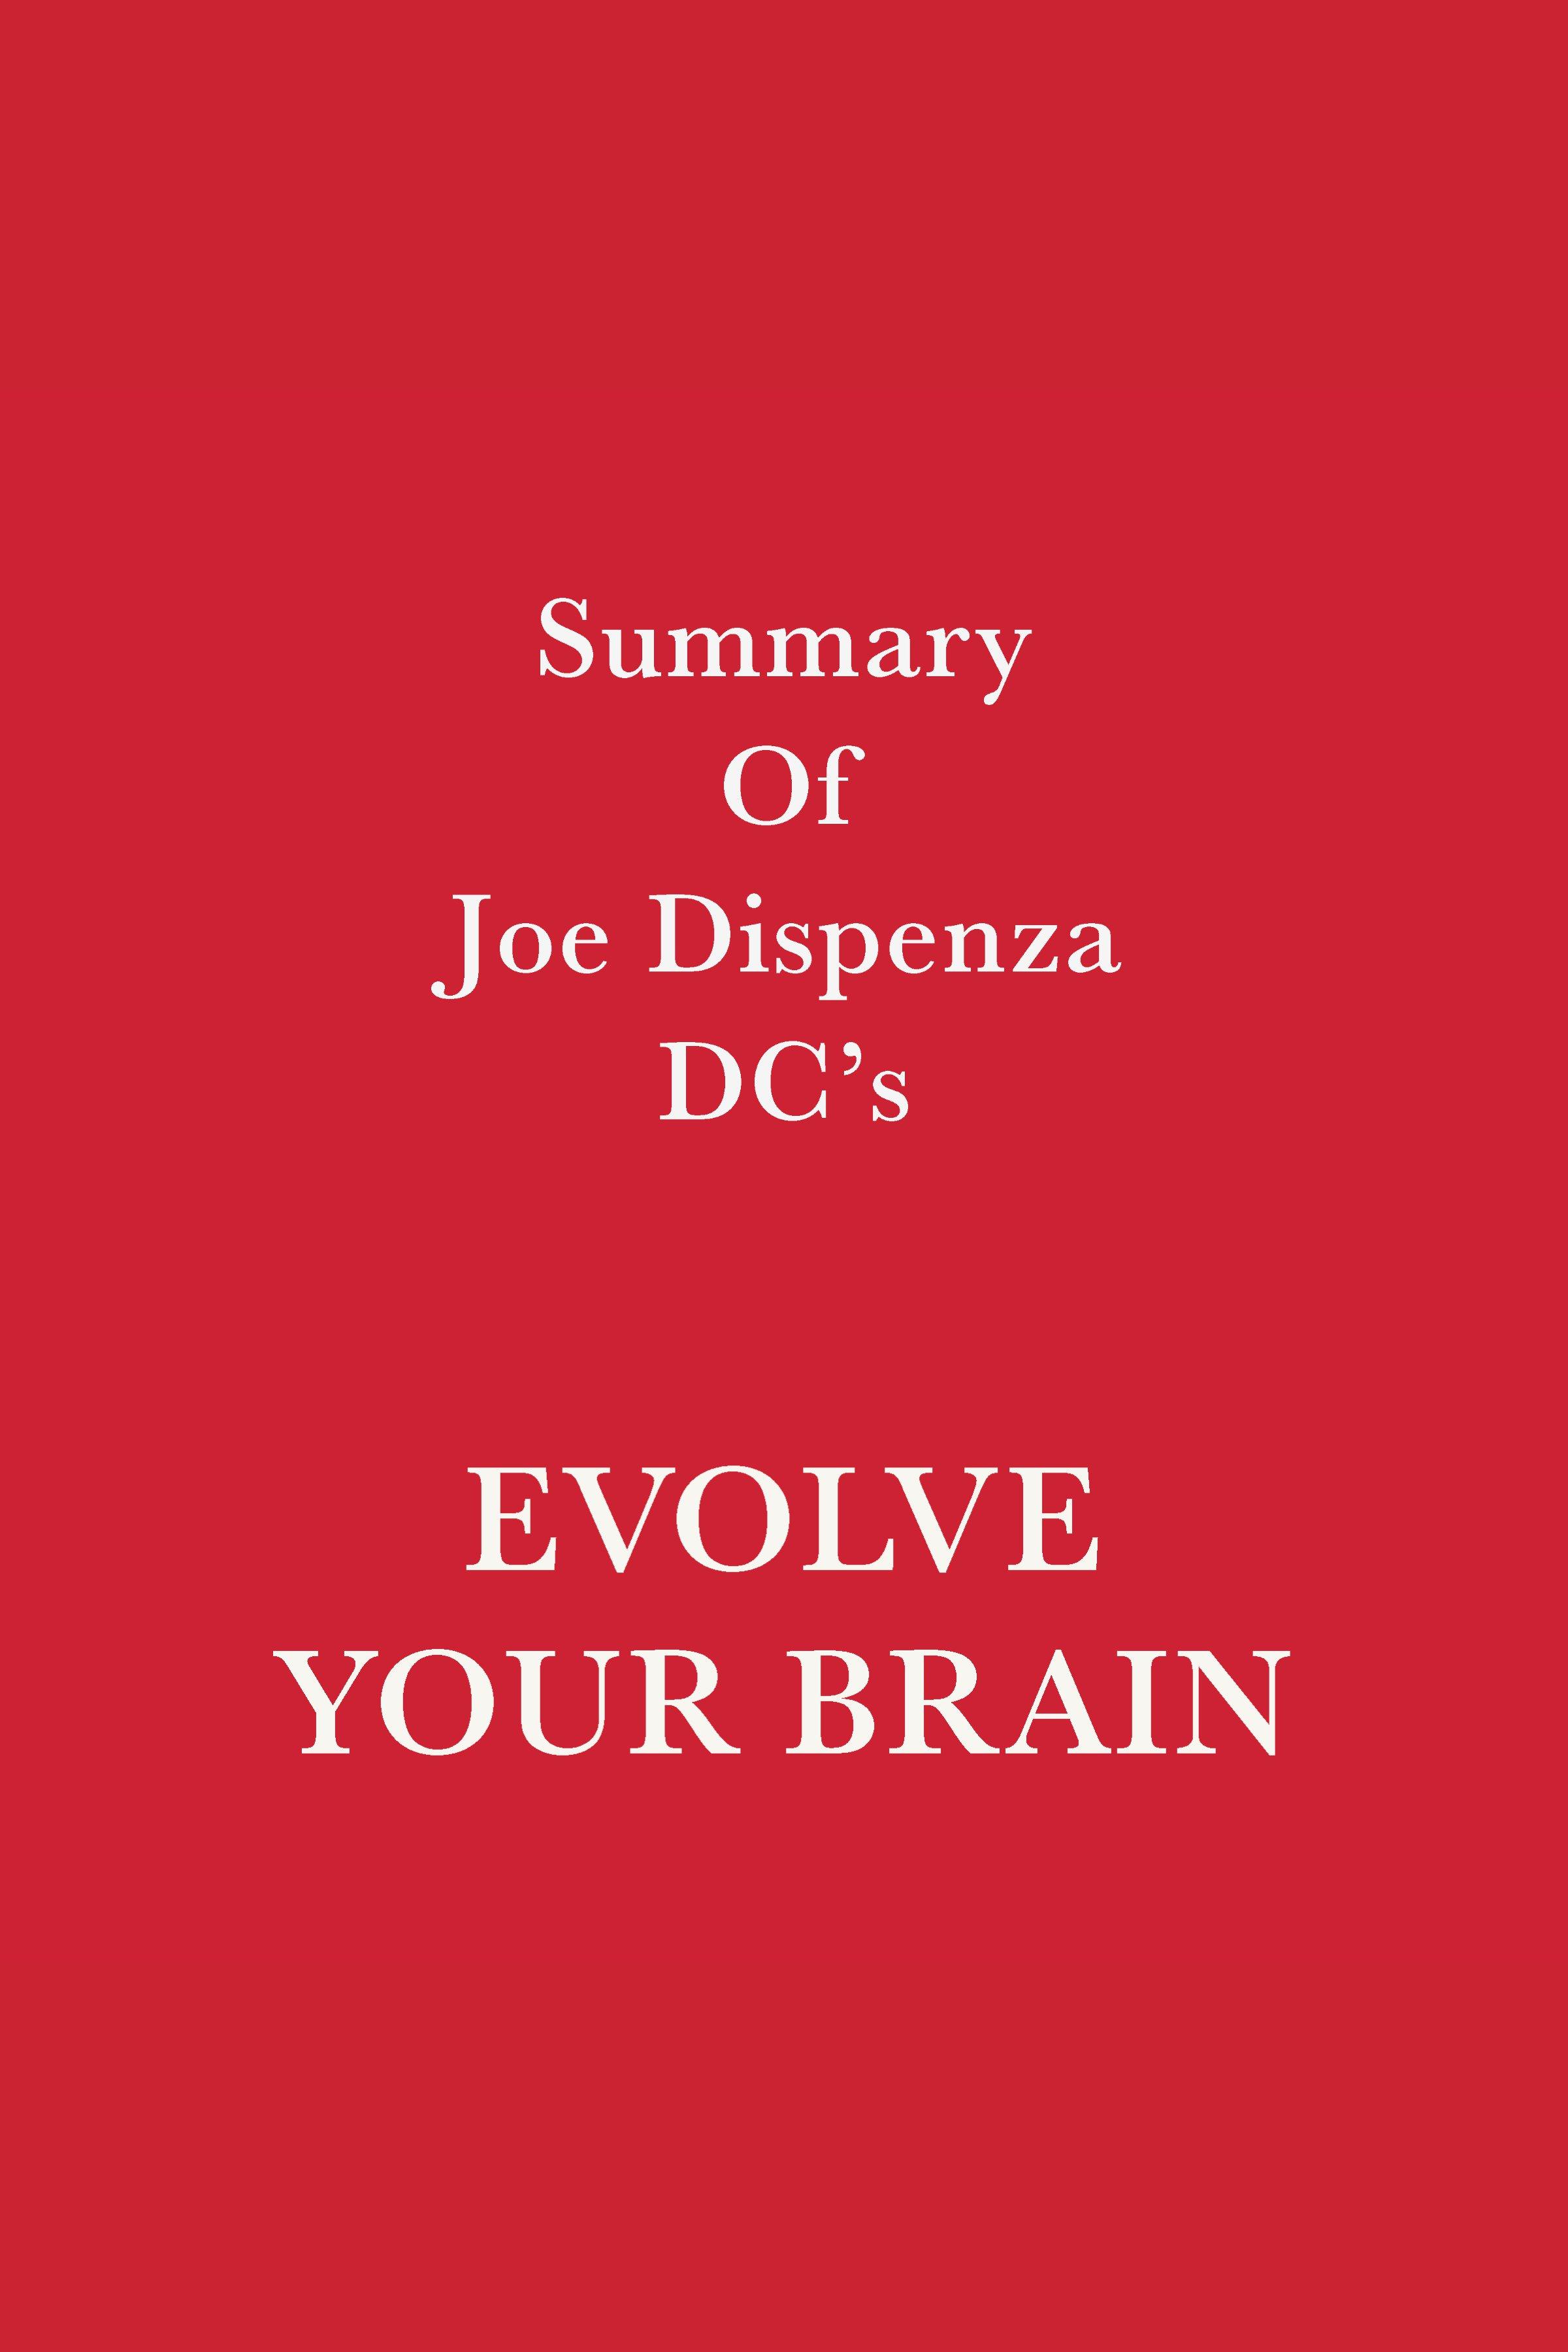 Esta es la portada del audiolibro Summary of Joe Dispenza DC's Evolve Your Brain